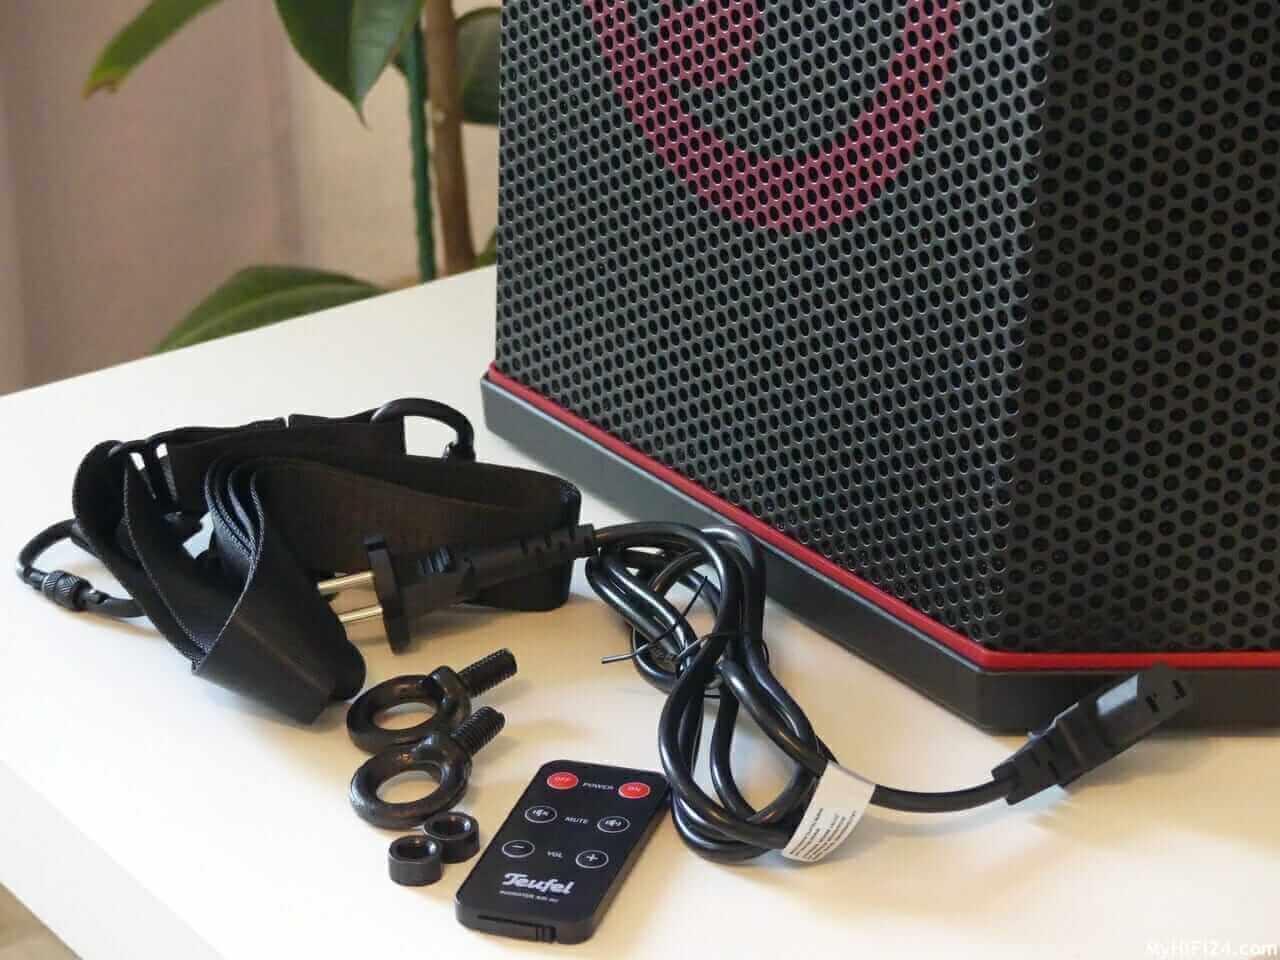 Testberichte für HiFi und Audio Geräte. Test bei MyHiFi24.com. Der Online-Marktplatz der speziell für HiFi und Audio Produkte entwickelt worden ist testet für seine Mitglieder und Leser die neuesten HiFi und Audio Produkte. Stellt zudem auch die neuesten News bereit. Online-Marktplatz speziell für gebrauchte HiFi-Geräte & Audio-Zubehör. Hier können HiFi-Freunde ihre gebrauchten HiFi-Geräte oder Klassiker kostenlos zum Verkauf inserieren. Durchstöbern Sie die Welt der gebrauchten HiFi Geräte und bei Fragen stehen wir Ihnen gerne jederzeit zur Verfügung. HighEnd-Anlagen stehen hier zum Kauf.